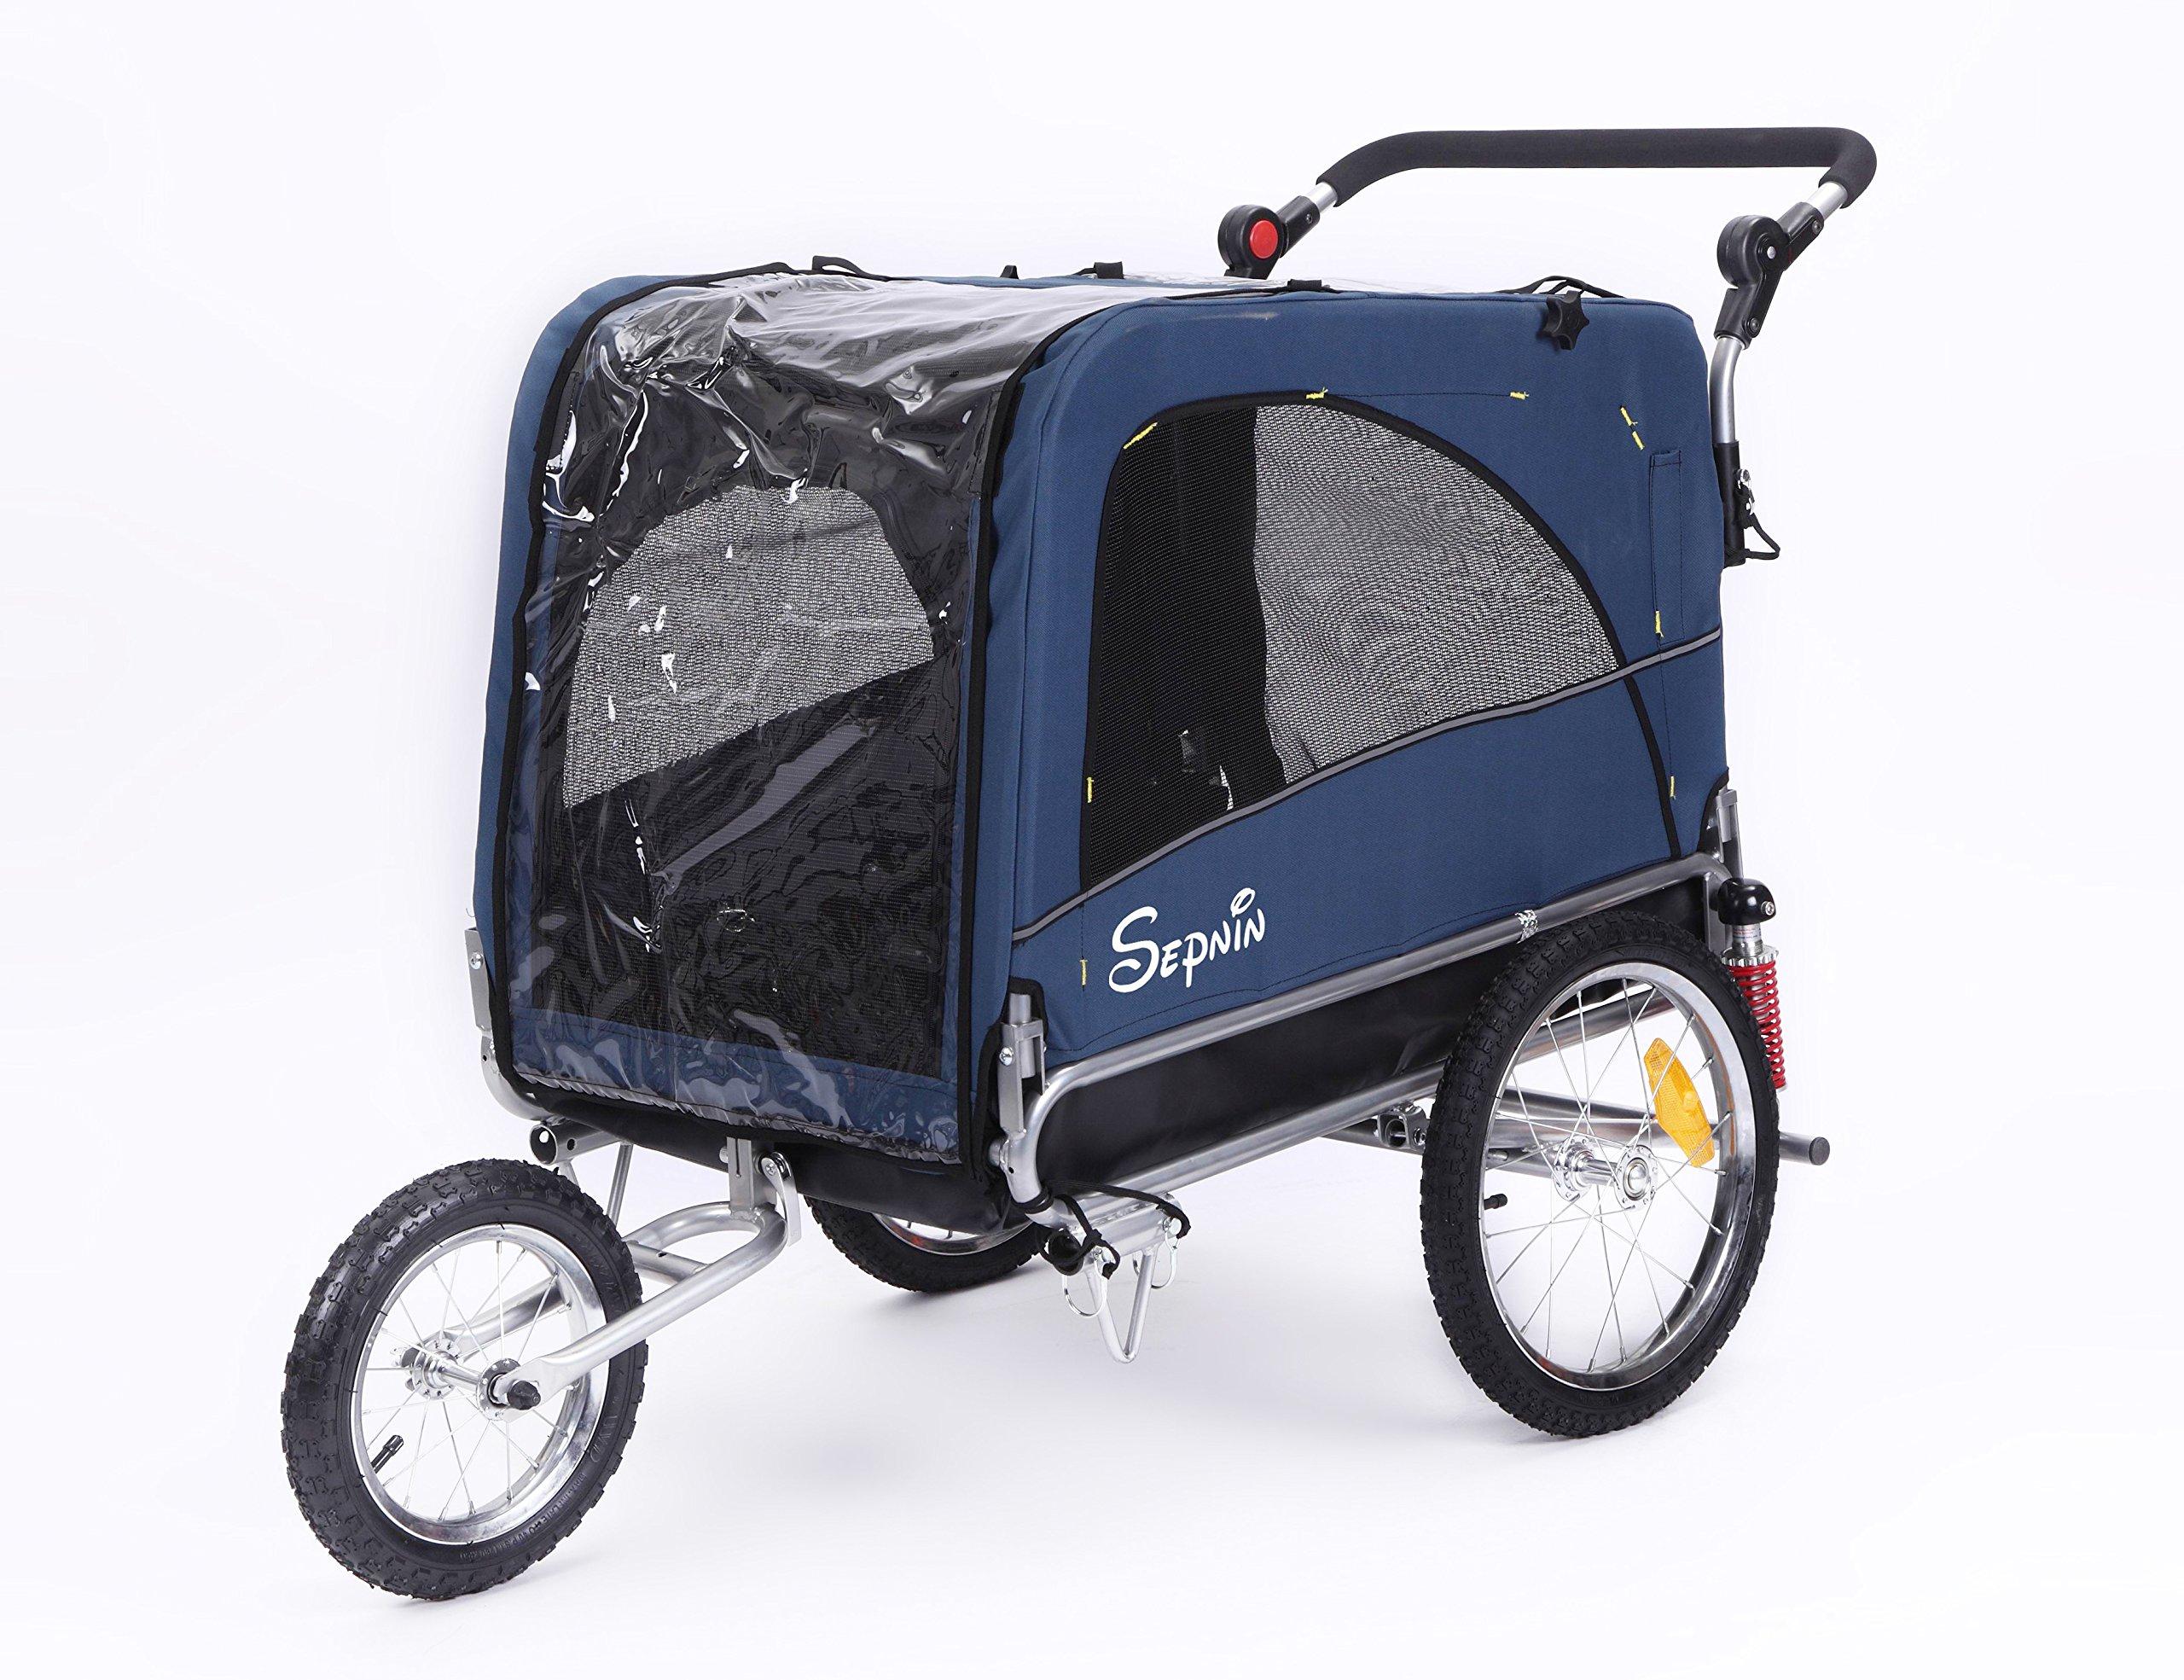 Sepnine 3 in 1 Large Sized Bike Trailer Bicycle Pet Trailer/ Jogger/ Dog Cage 10308 (Blue/ Black)